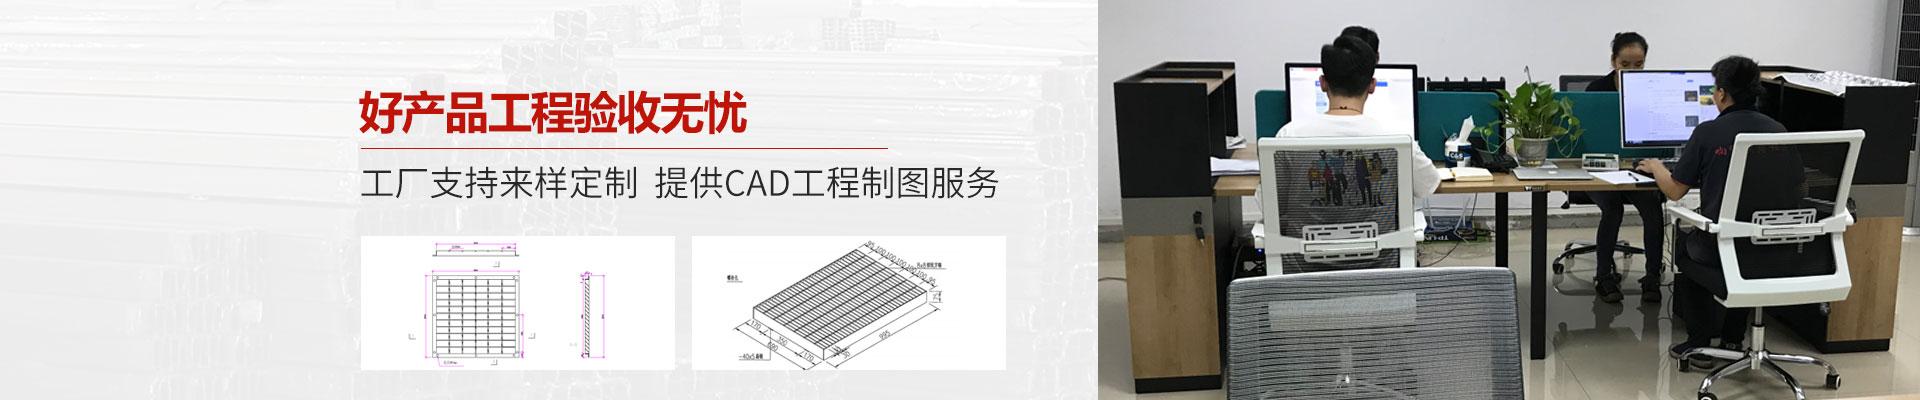 响达钢格板-好产品工程验收无忧 工厂支持来样定制,提供CAD工程制图服务